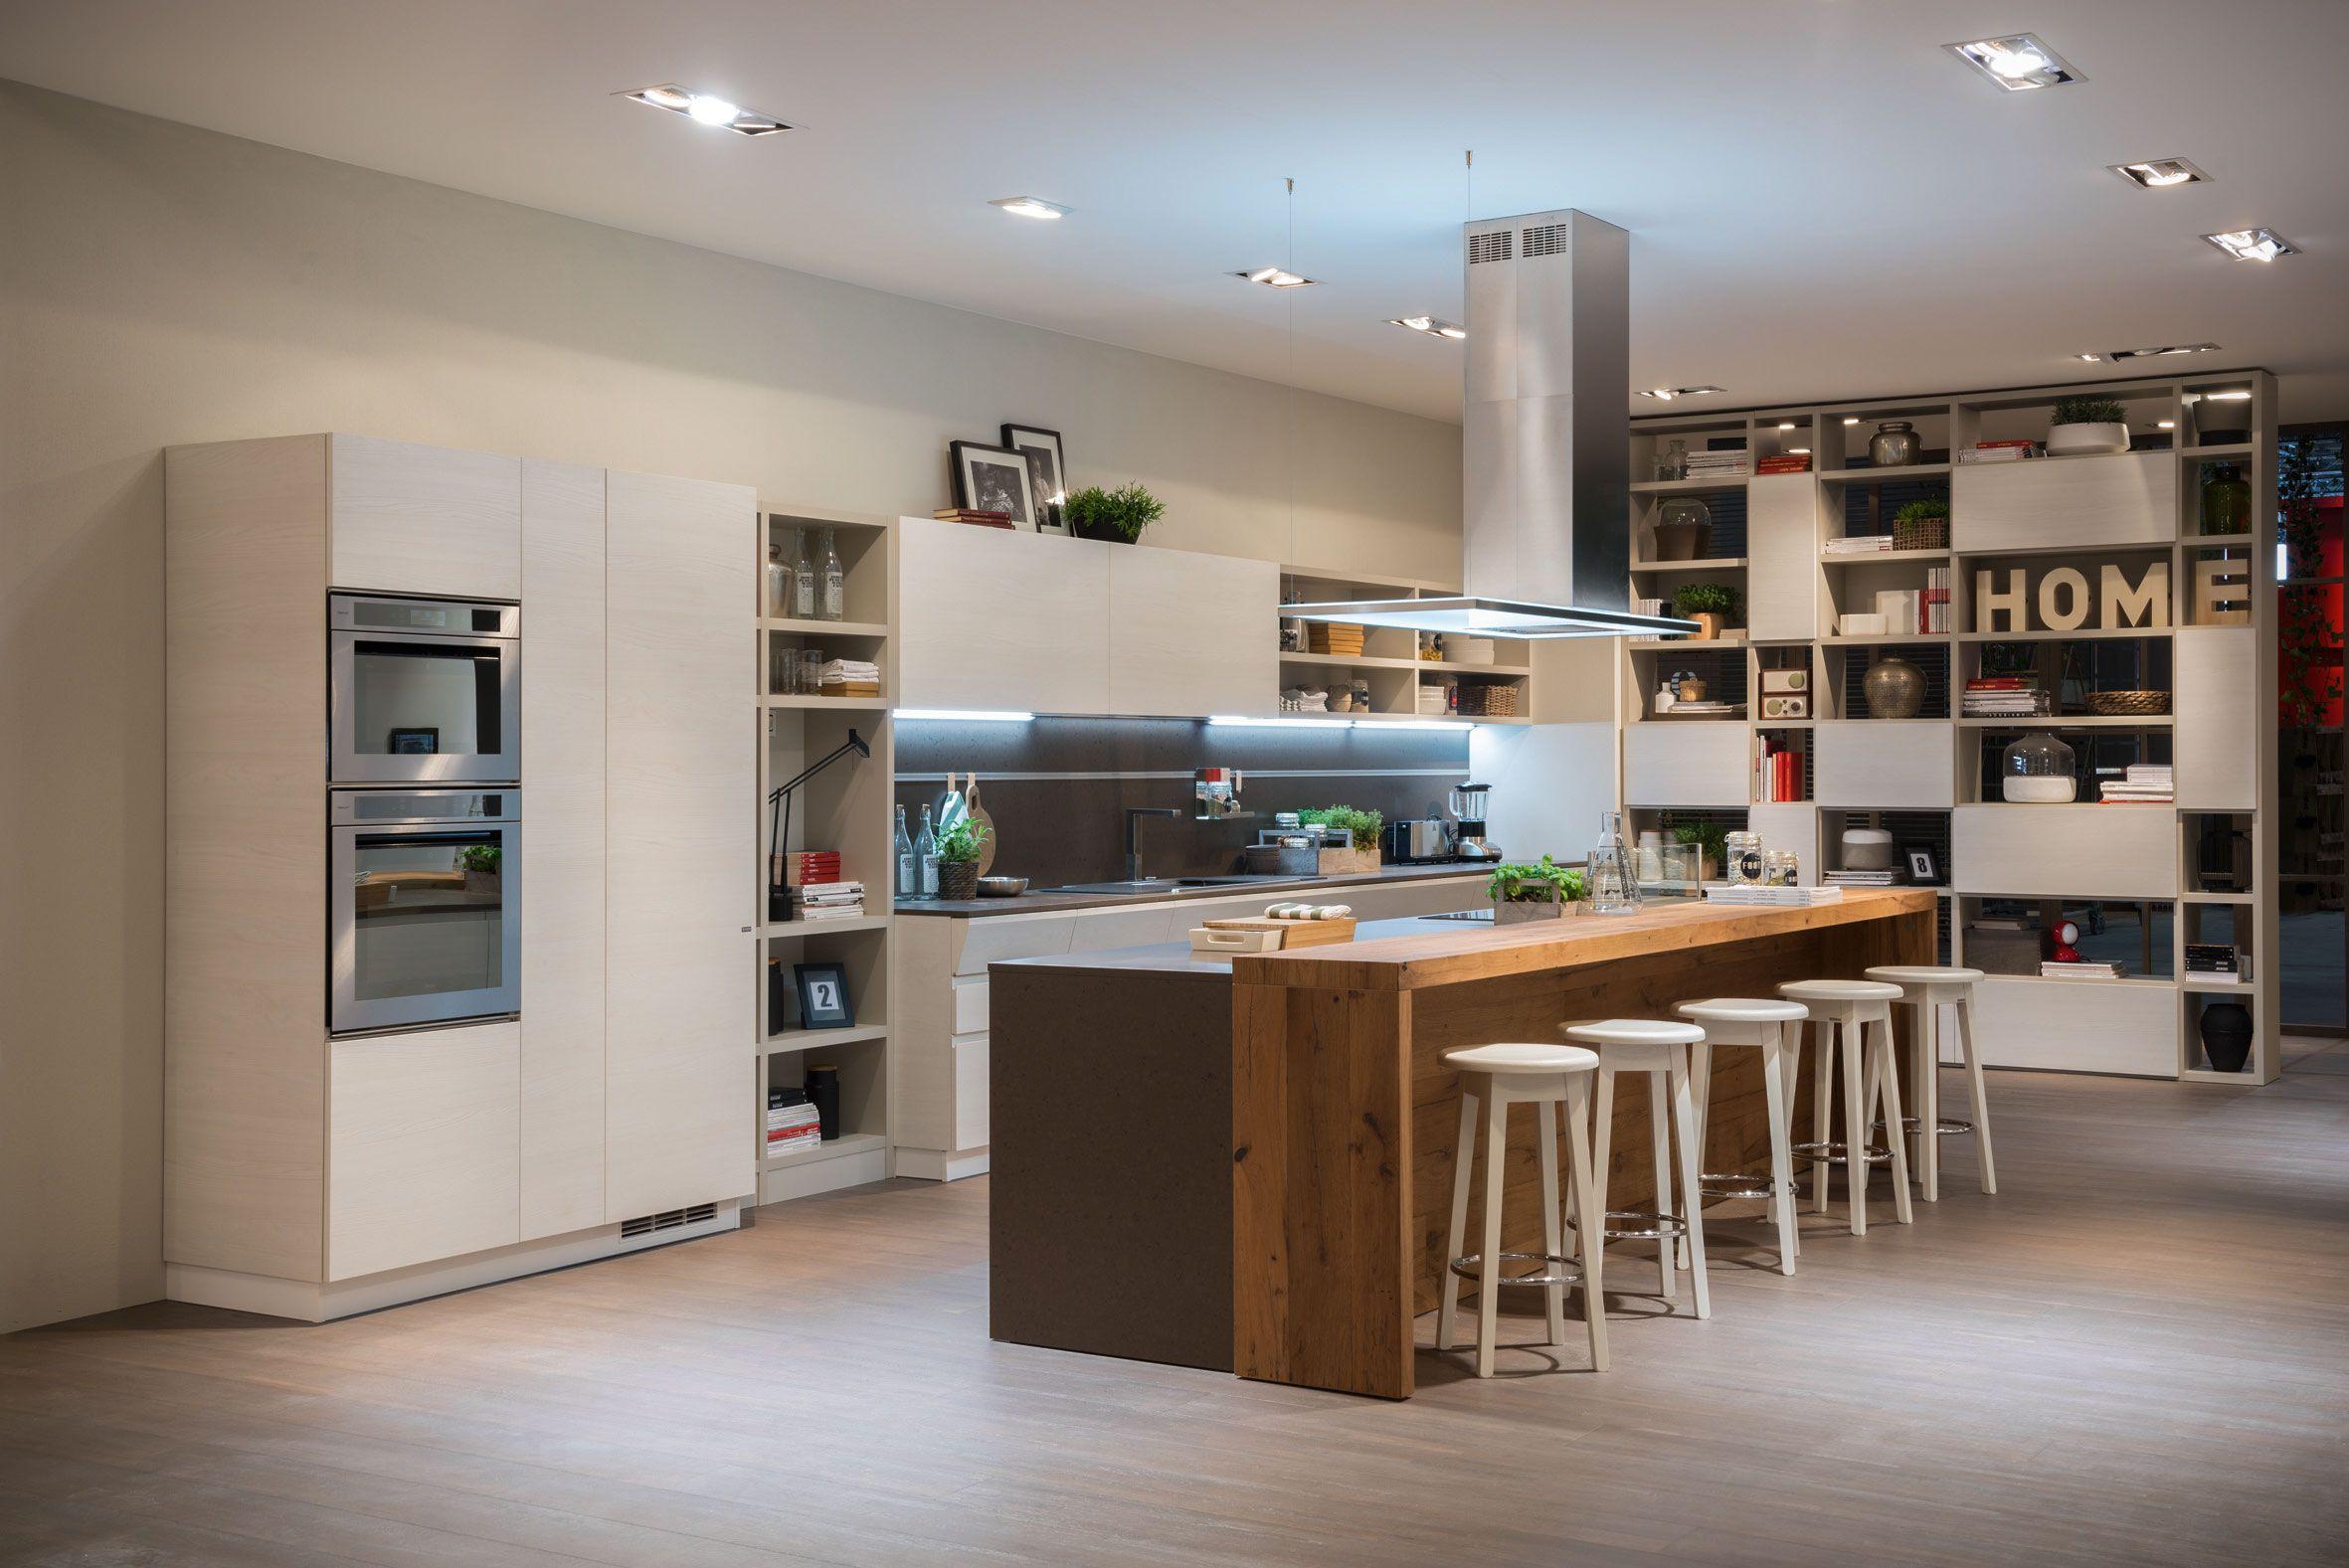 Pin di Ginevra su Idee arredamento cucina | Pinterest | Unico ...